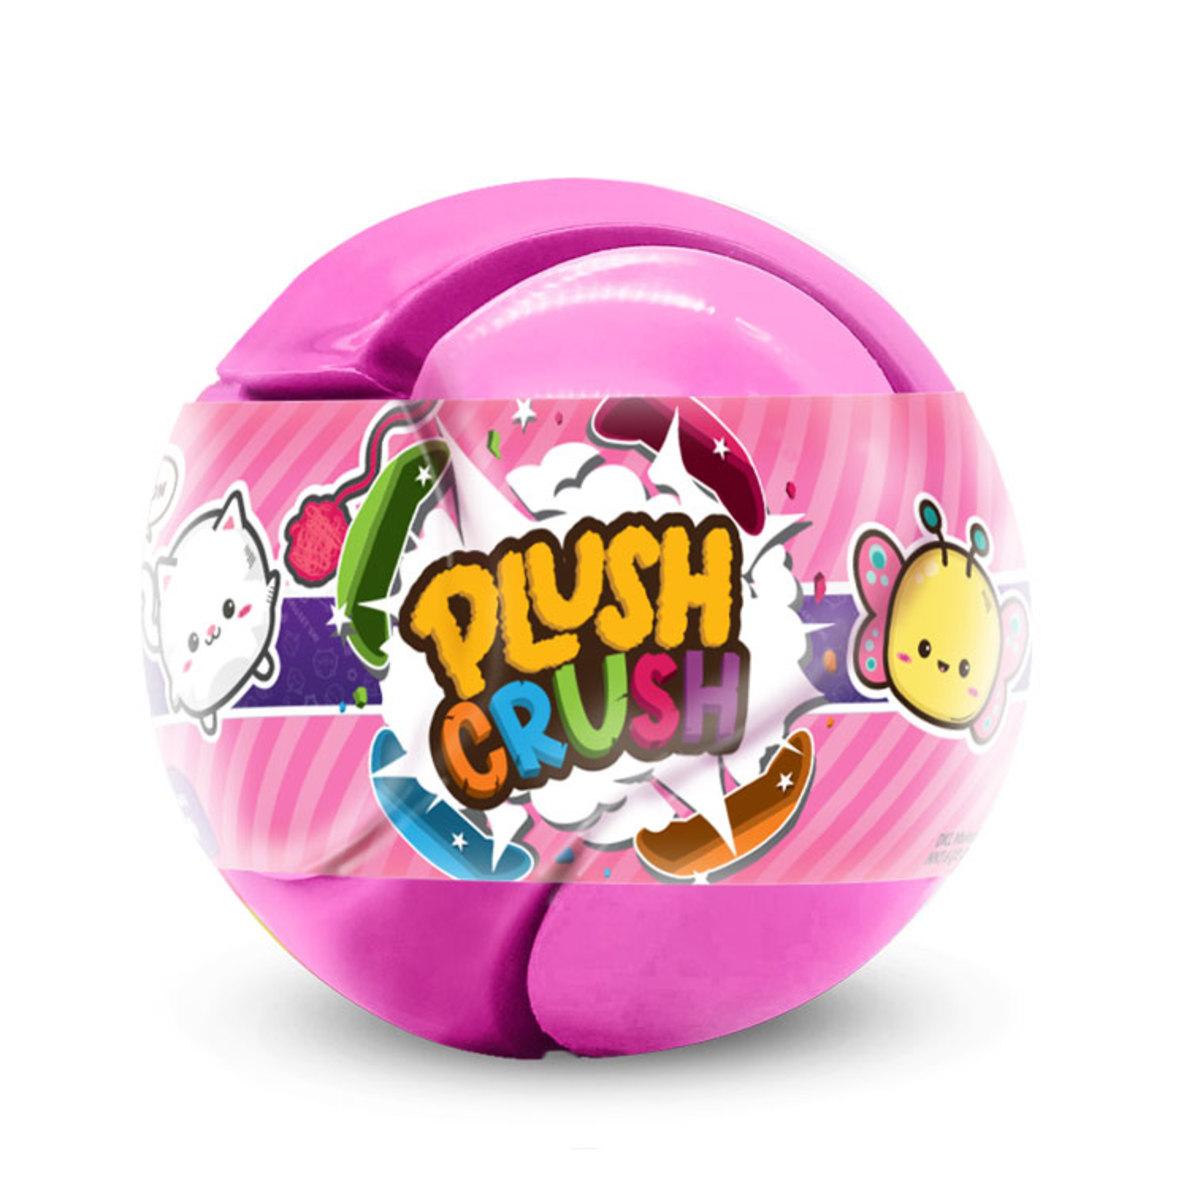 Plush Crush (Pink)